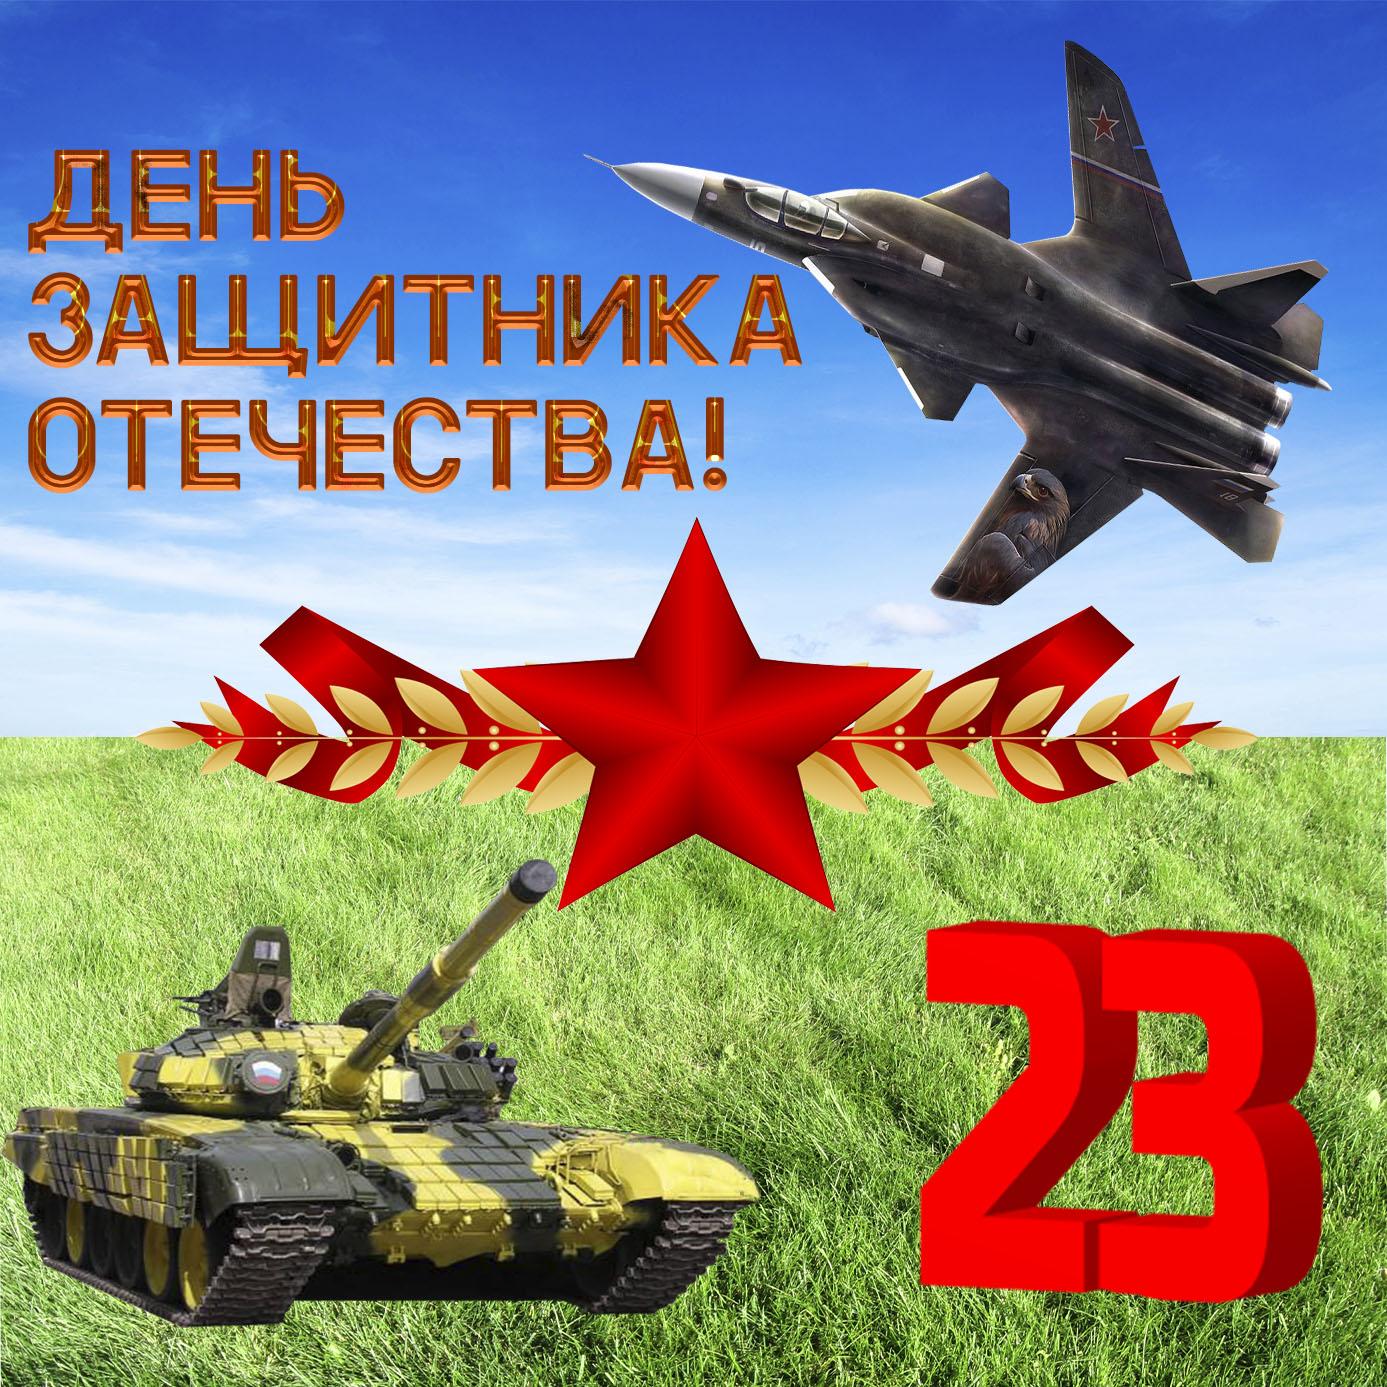 Картинка на День Защитника Отечества